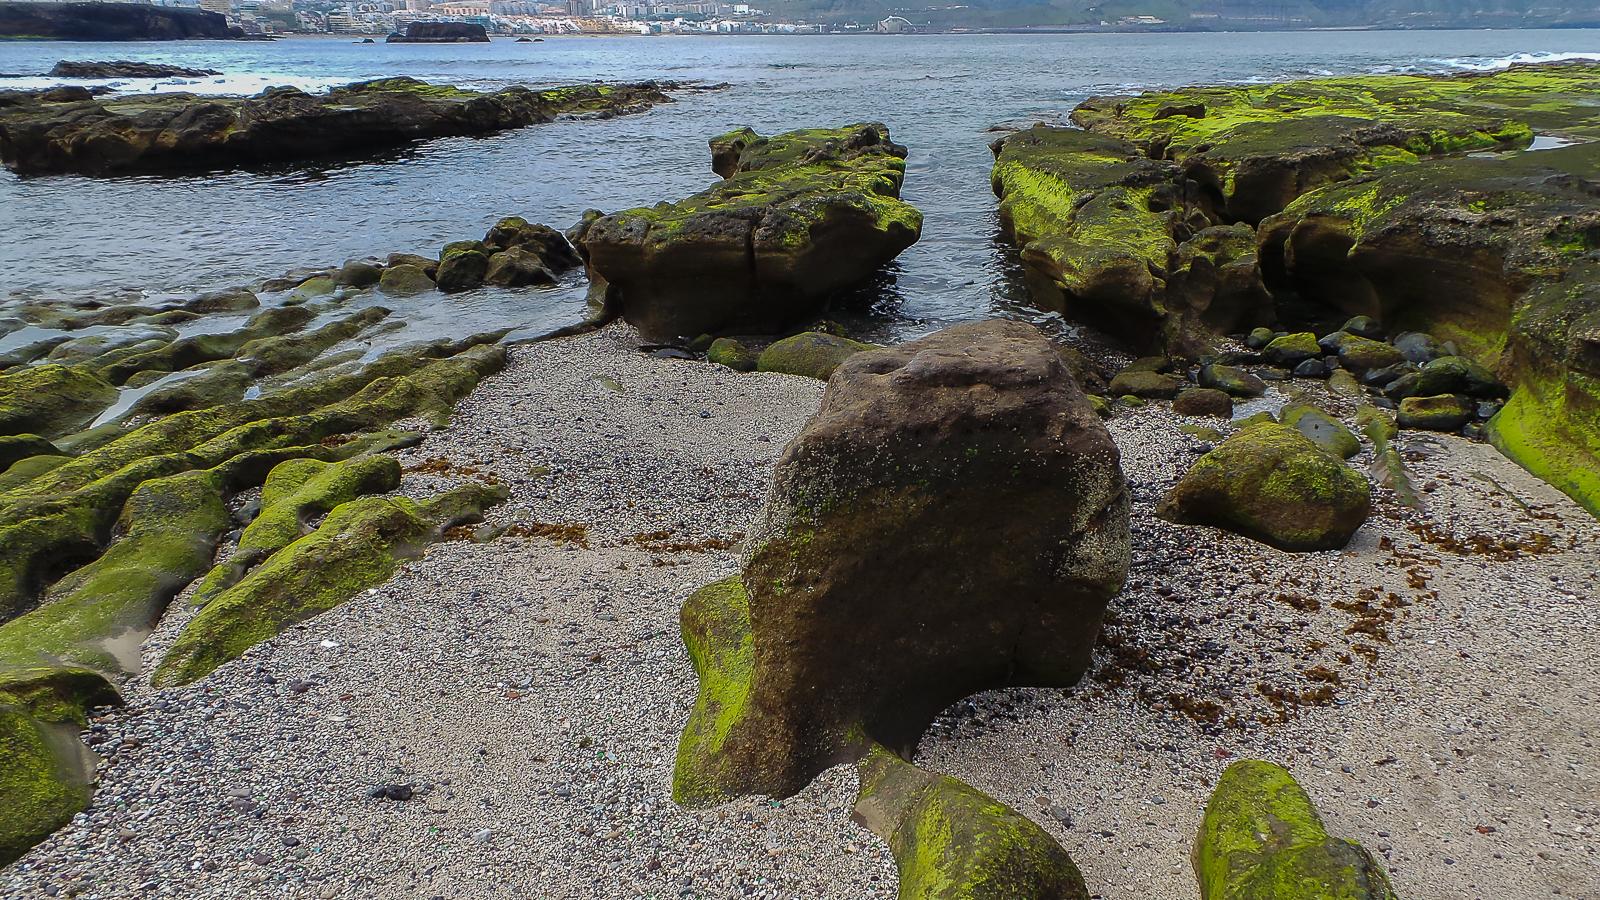 Playa el confital las palmas de gran canaria isla de gran canaria - Isla de las palmas de gran canaria ...